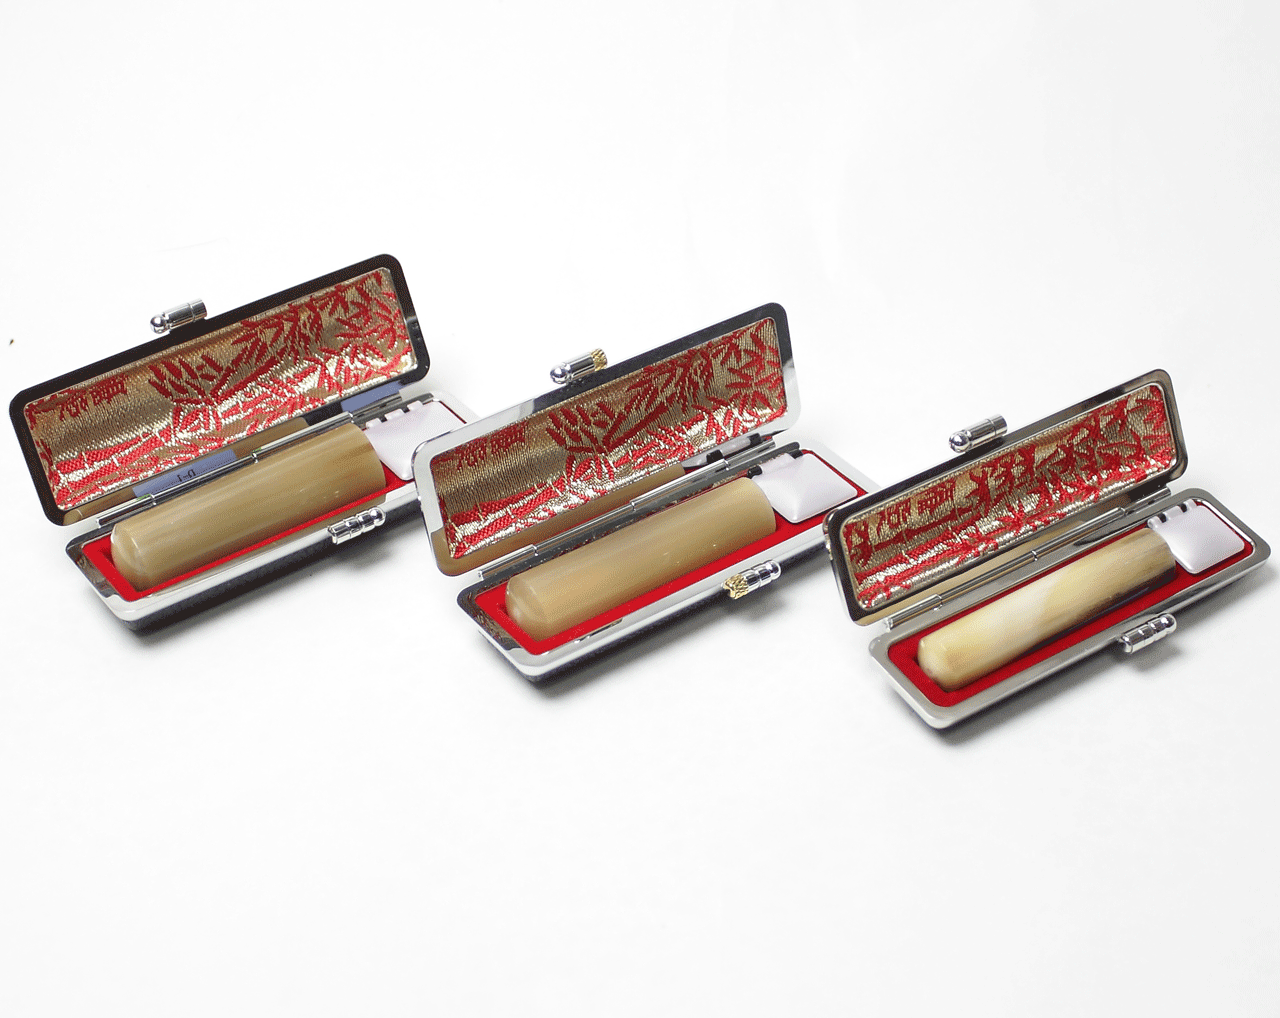 個人印鑑3本セット オランダ水牛(寸胴) 専用ケース付き